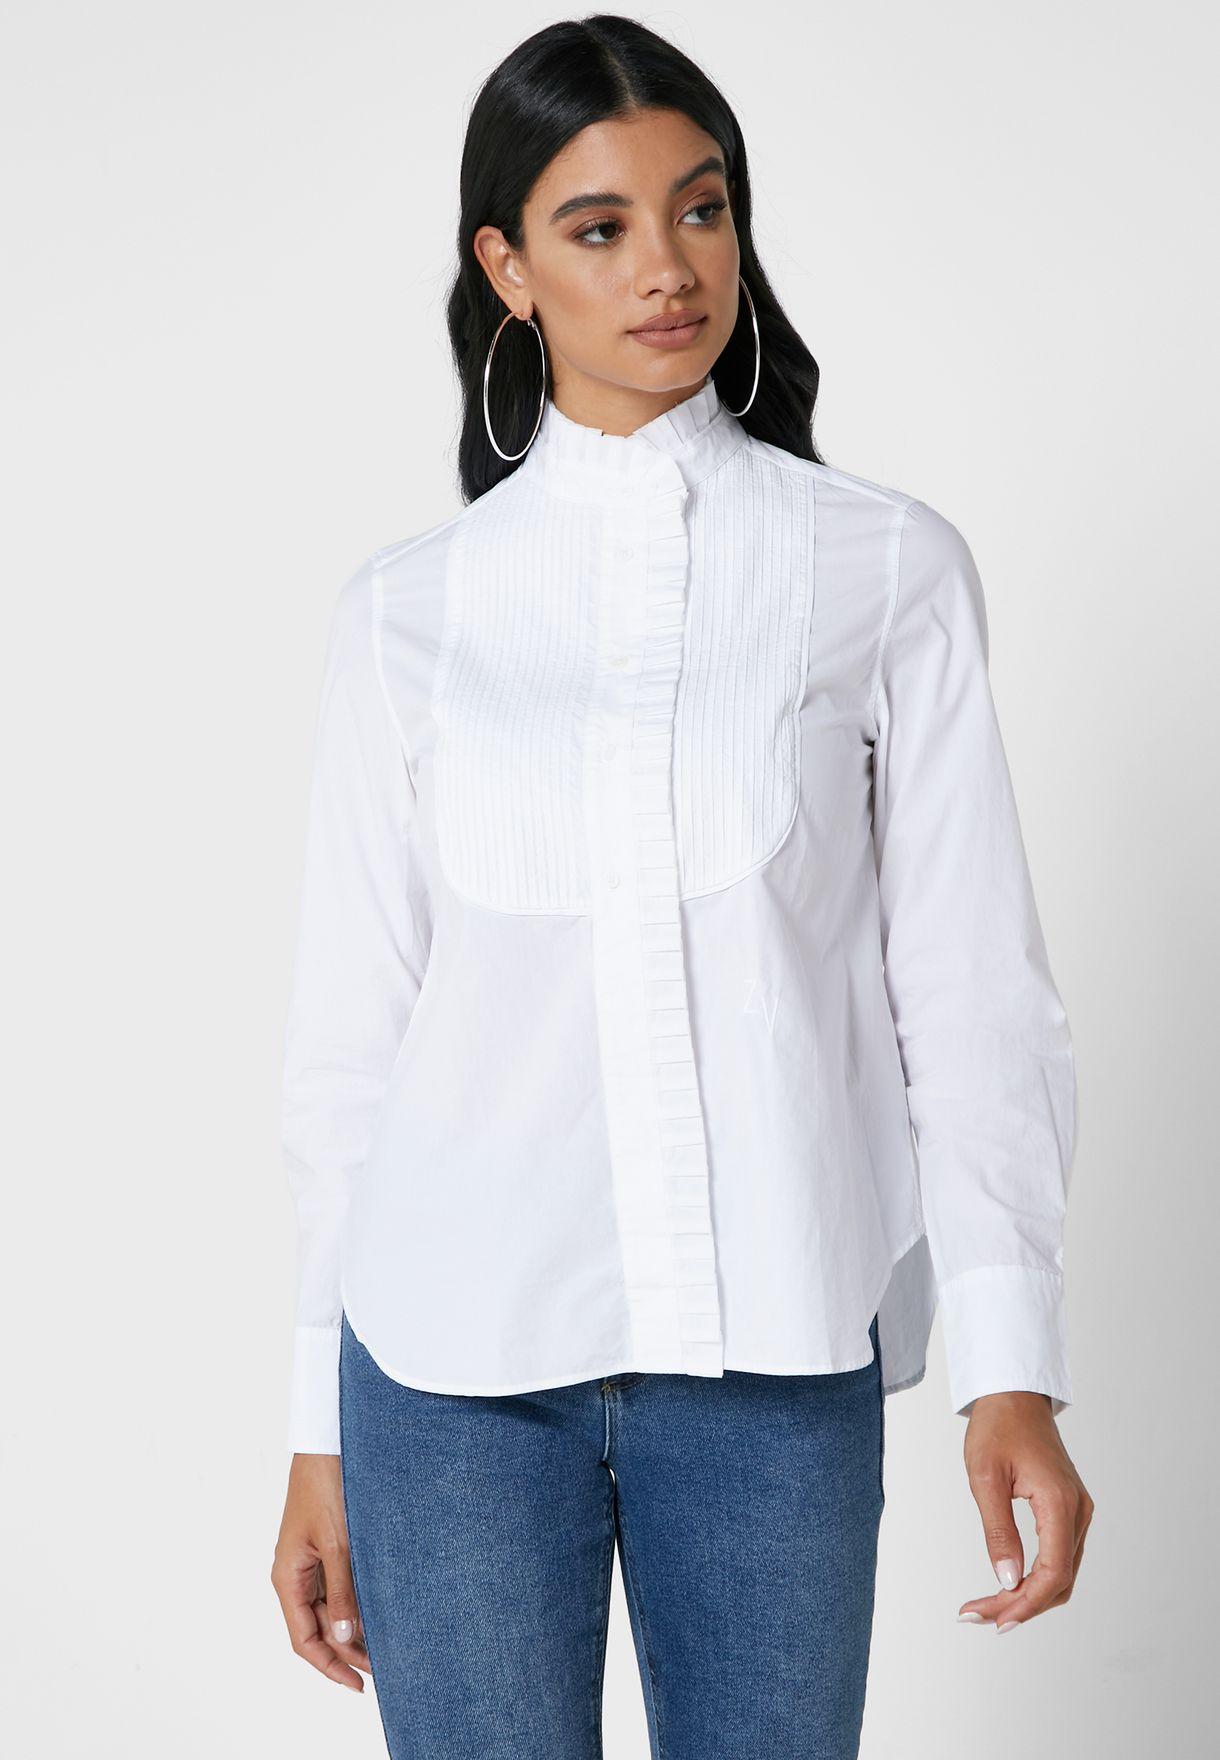 قميص انيق مزين بكشكش